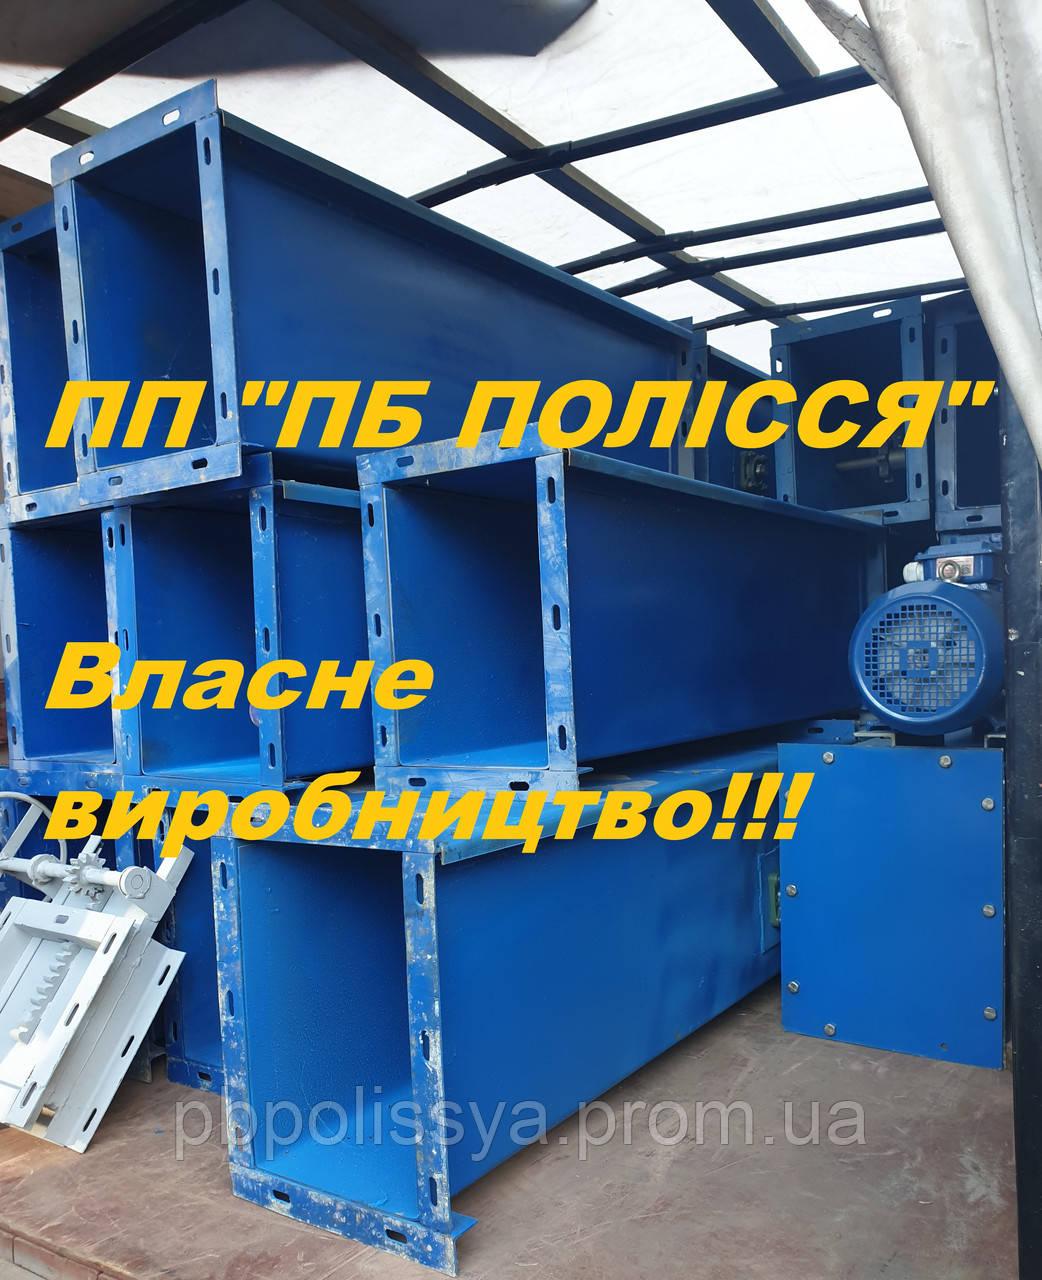 Скребковый транспортер 250 опорами ленточных конвейеров являются